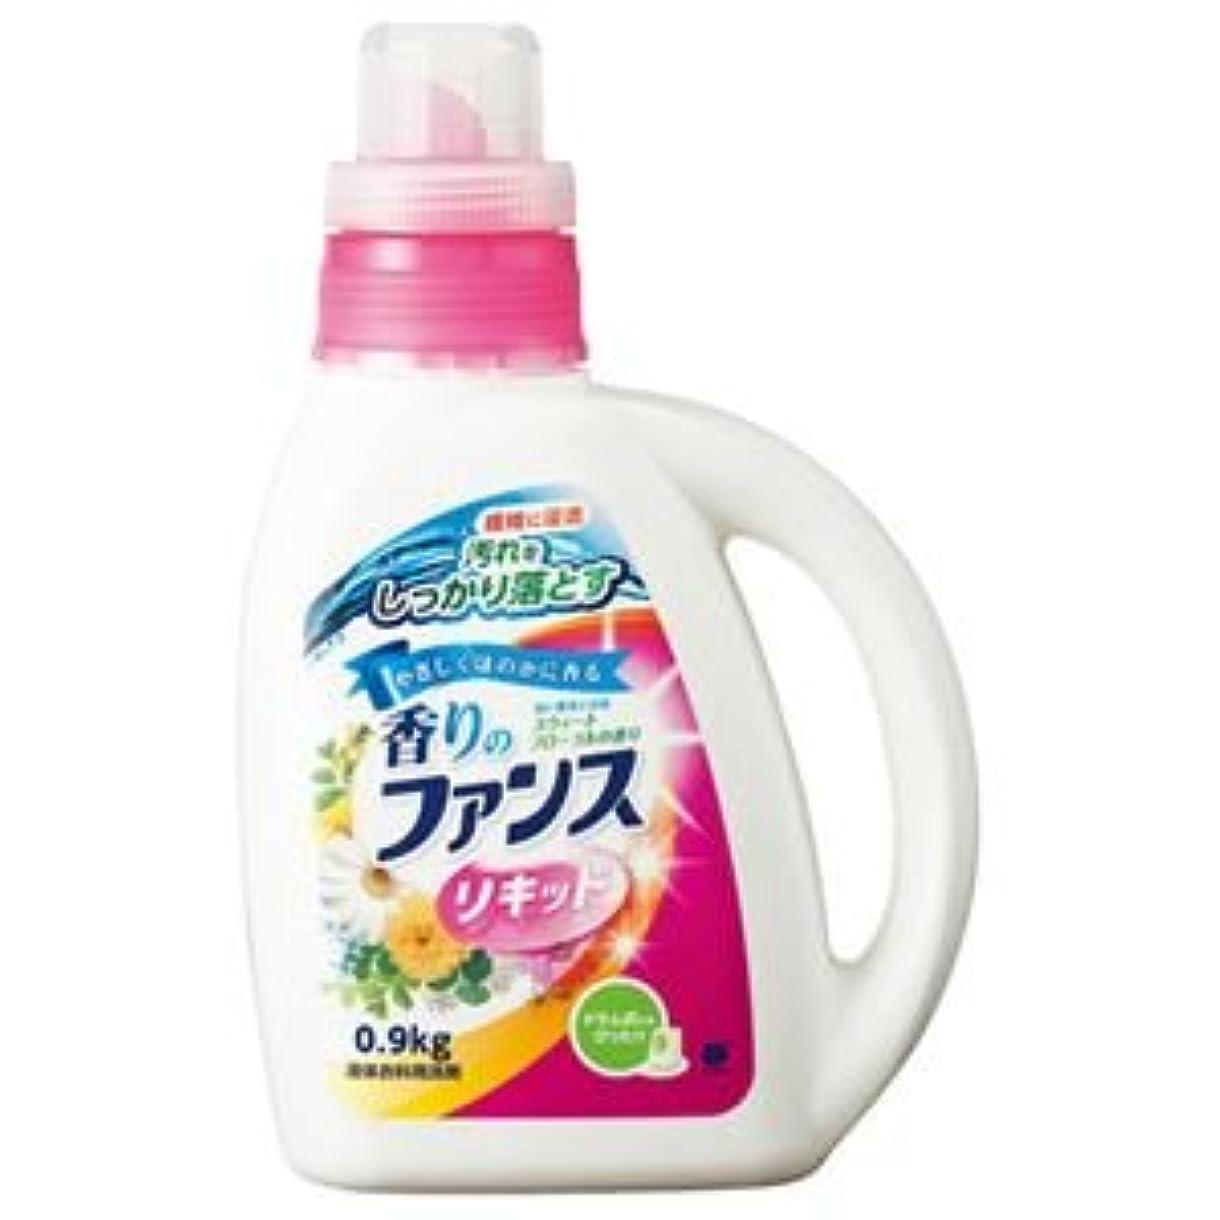 規制するストリーム最後の(まとめ) 第一石鹸 香りのファンス 液体衣料用洗剤リキッド 本体 0.9kg 1本 【×10セット】